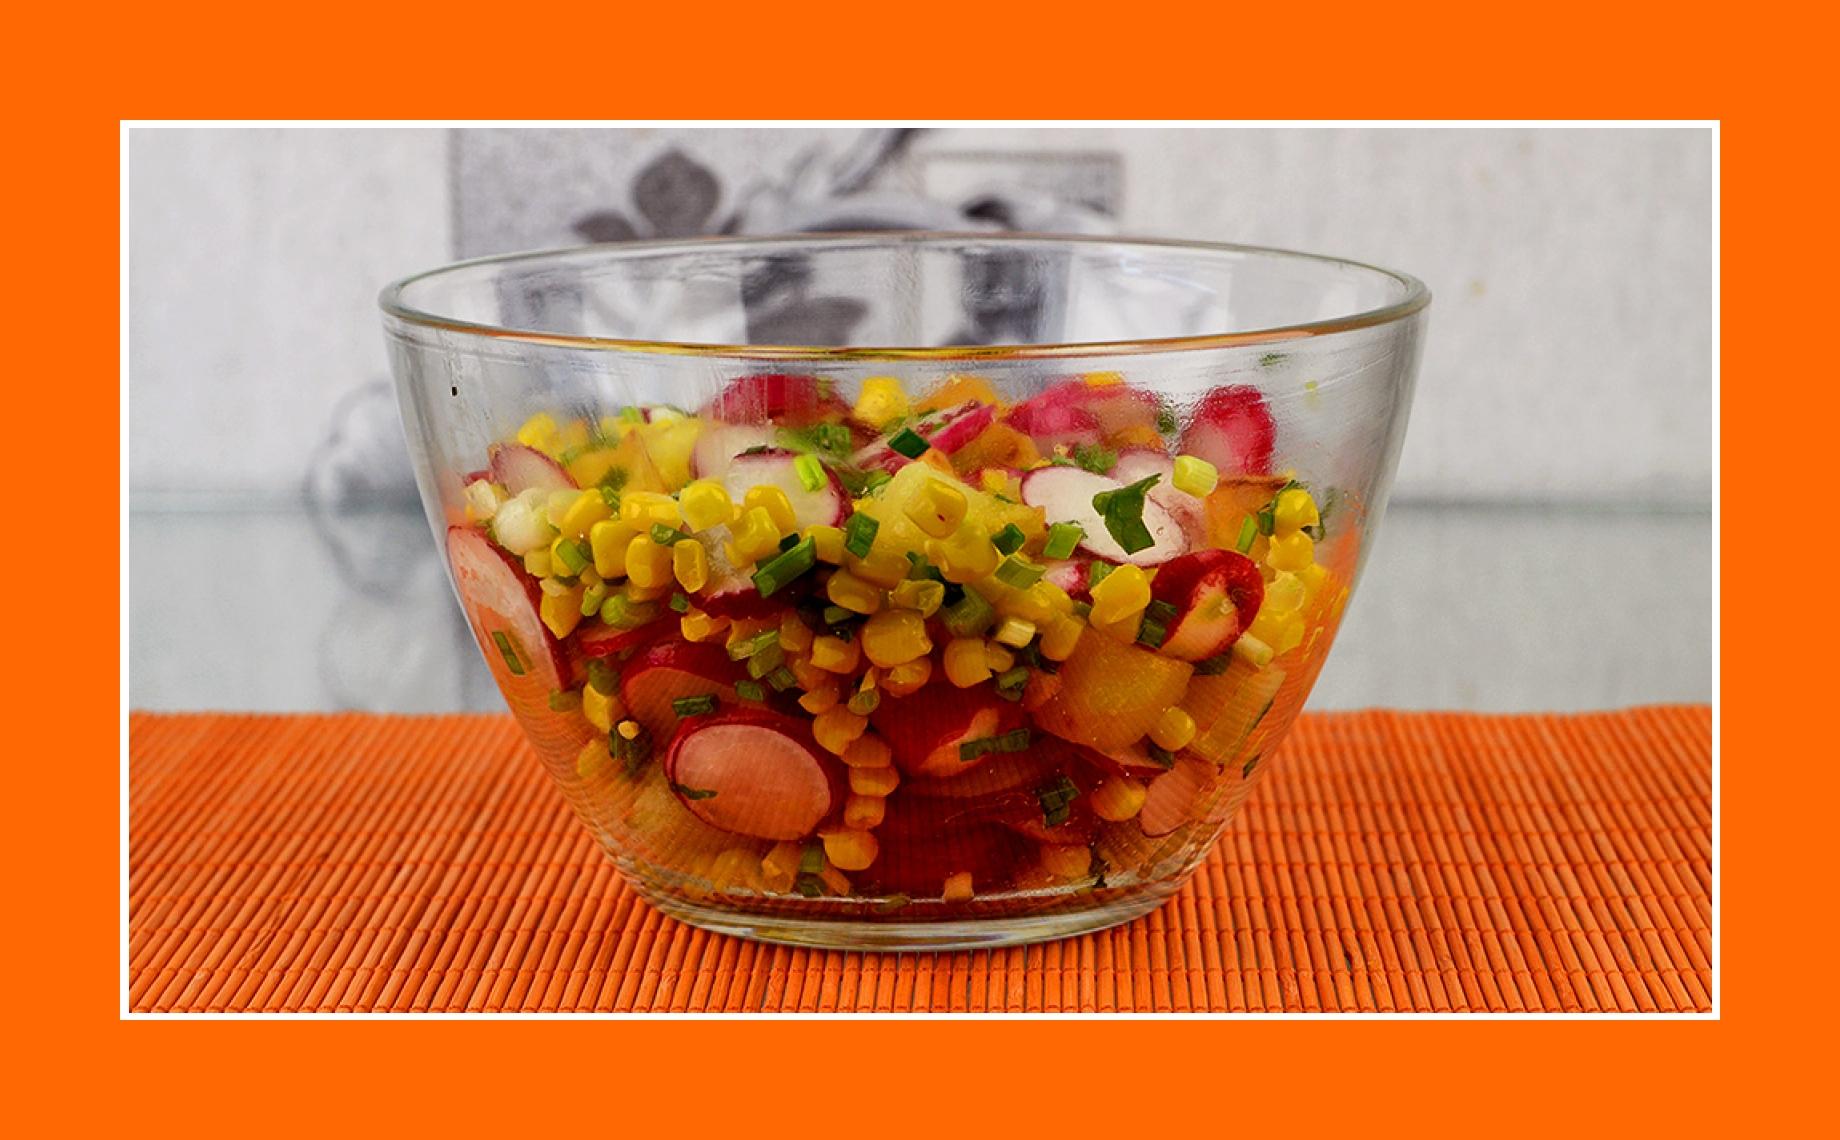 Einfacher günstiger Salat mit Radieschen, Bratkartoffeln, Schnittlauch, Mais